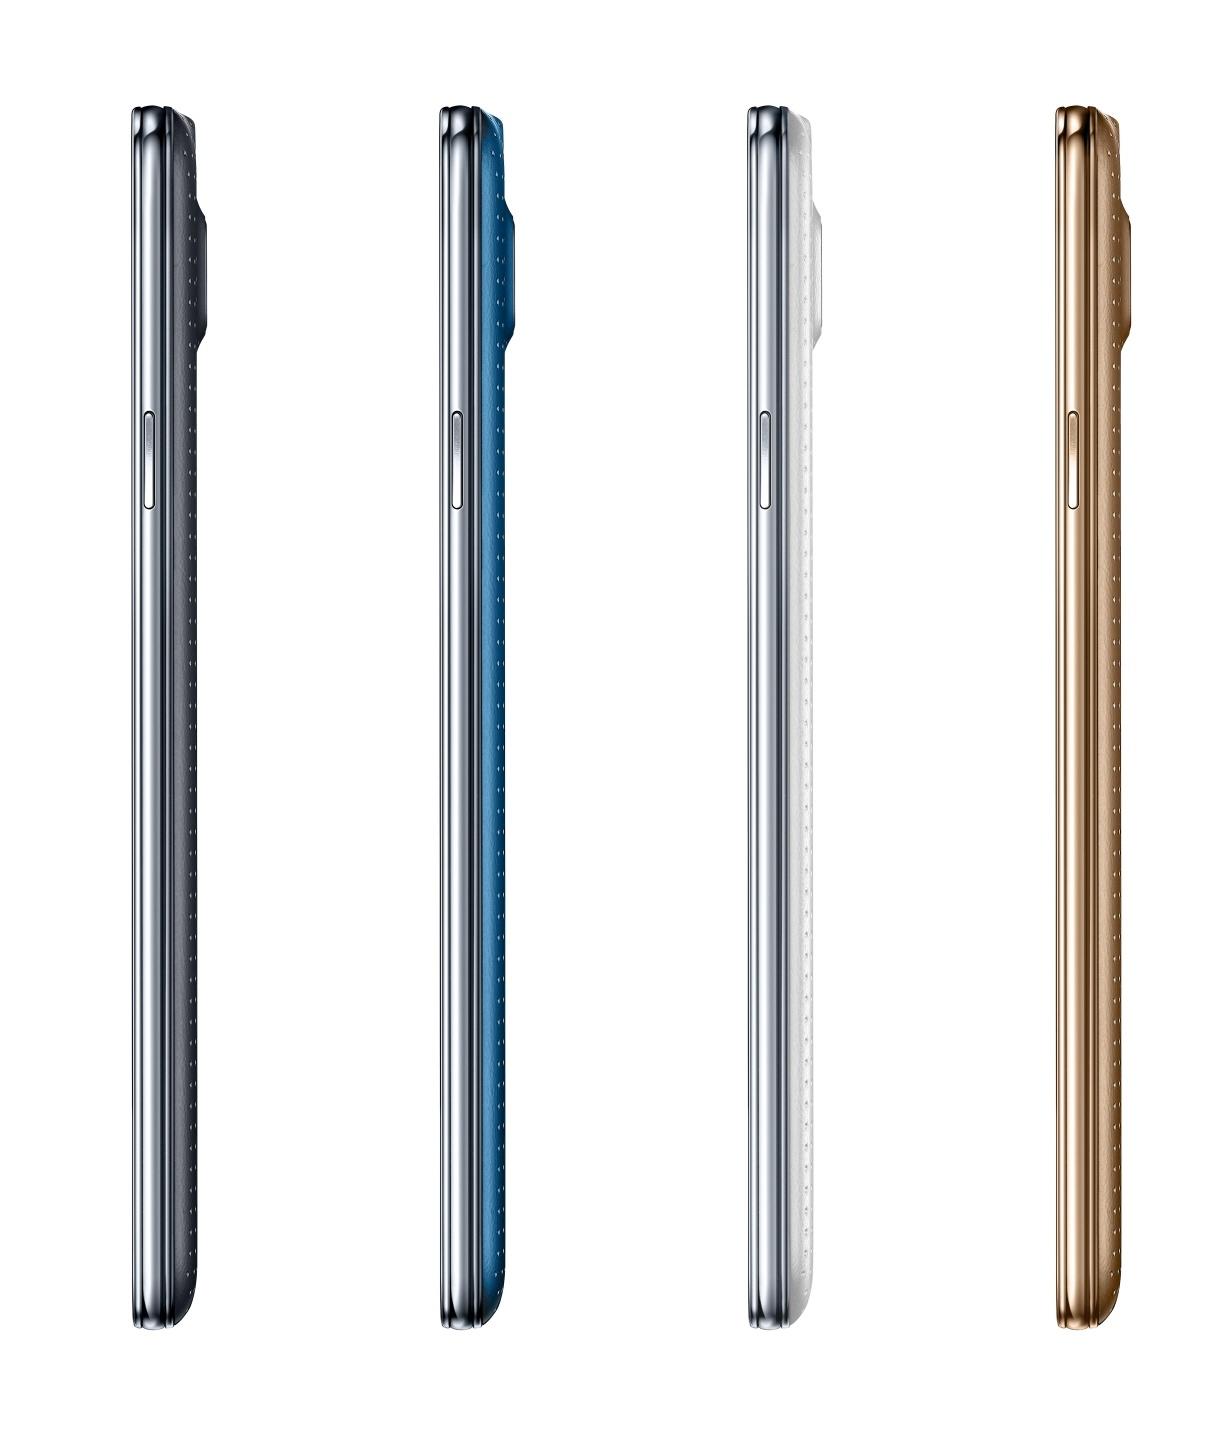 Samsung Galaxy S5 Caracteristicas Oficiales